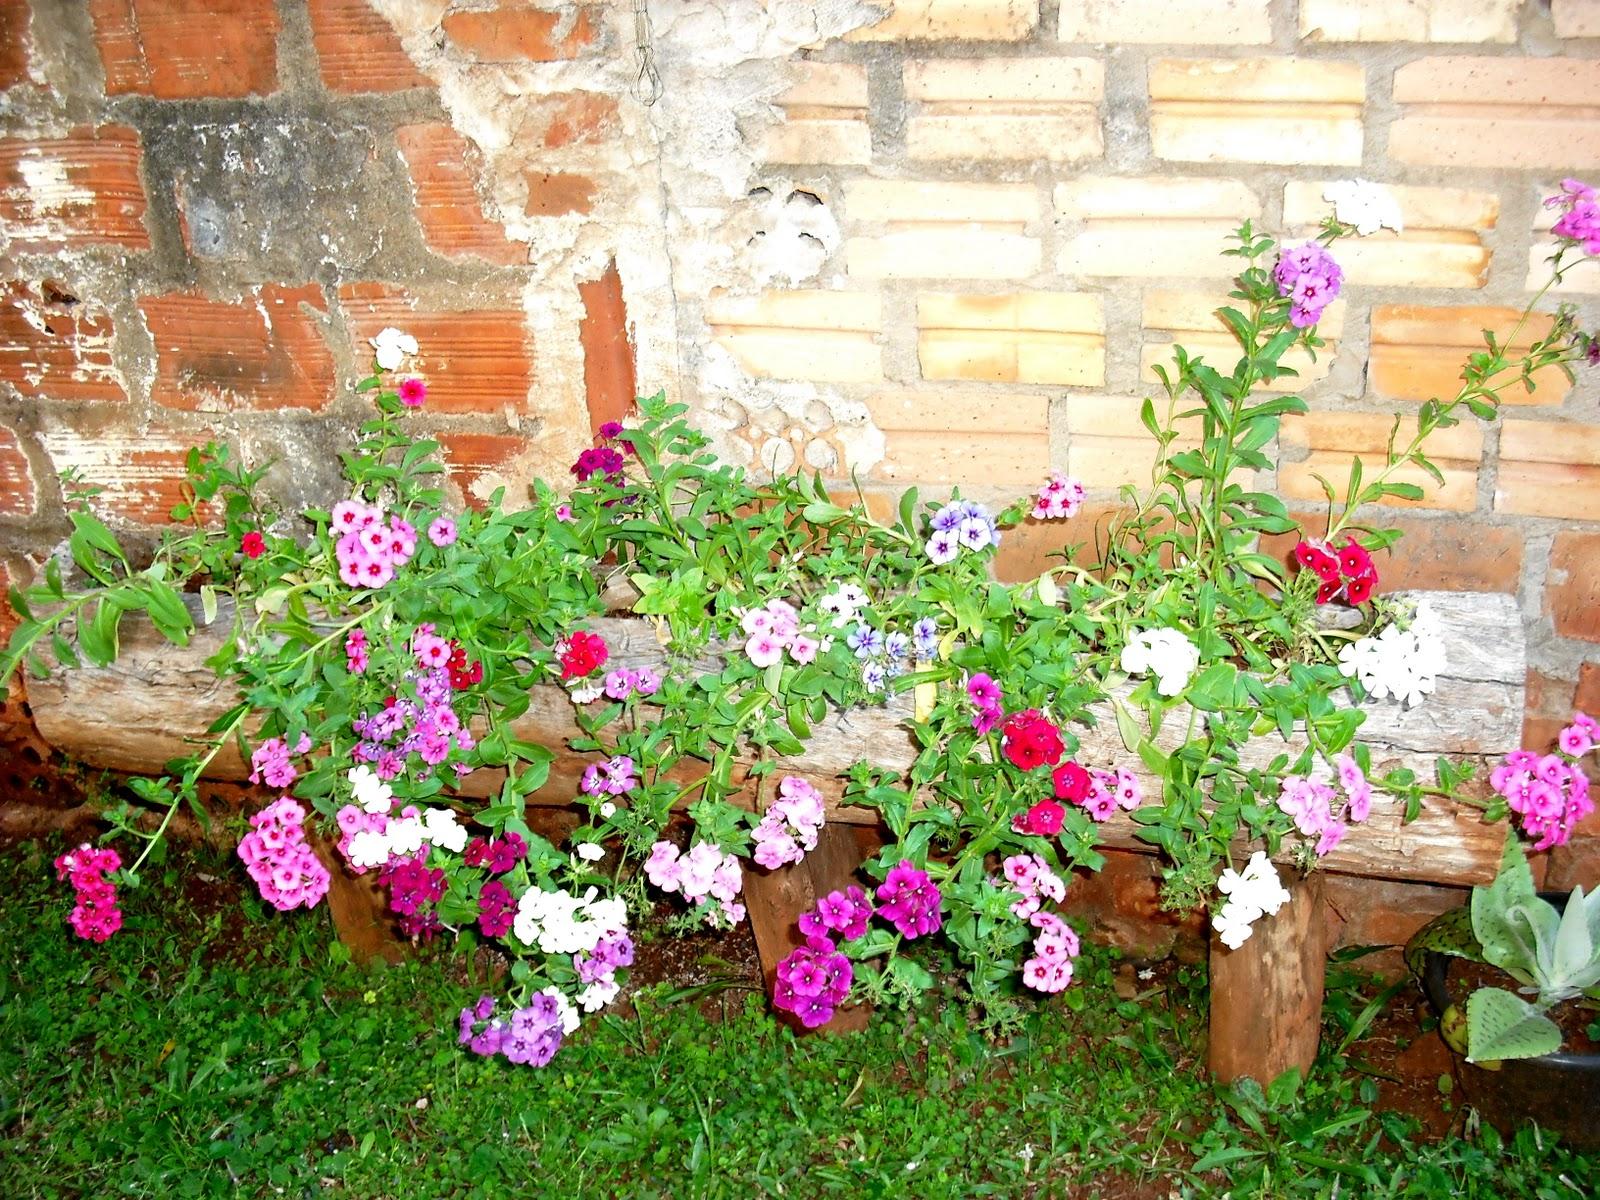 flores no jardim de deus : flores no jardim de deus:quarta-feira, 21 de setembro de 2011